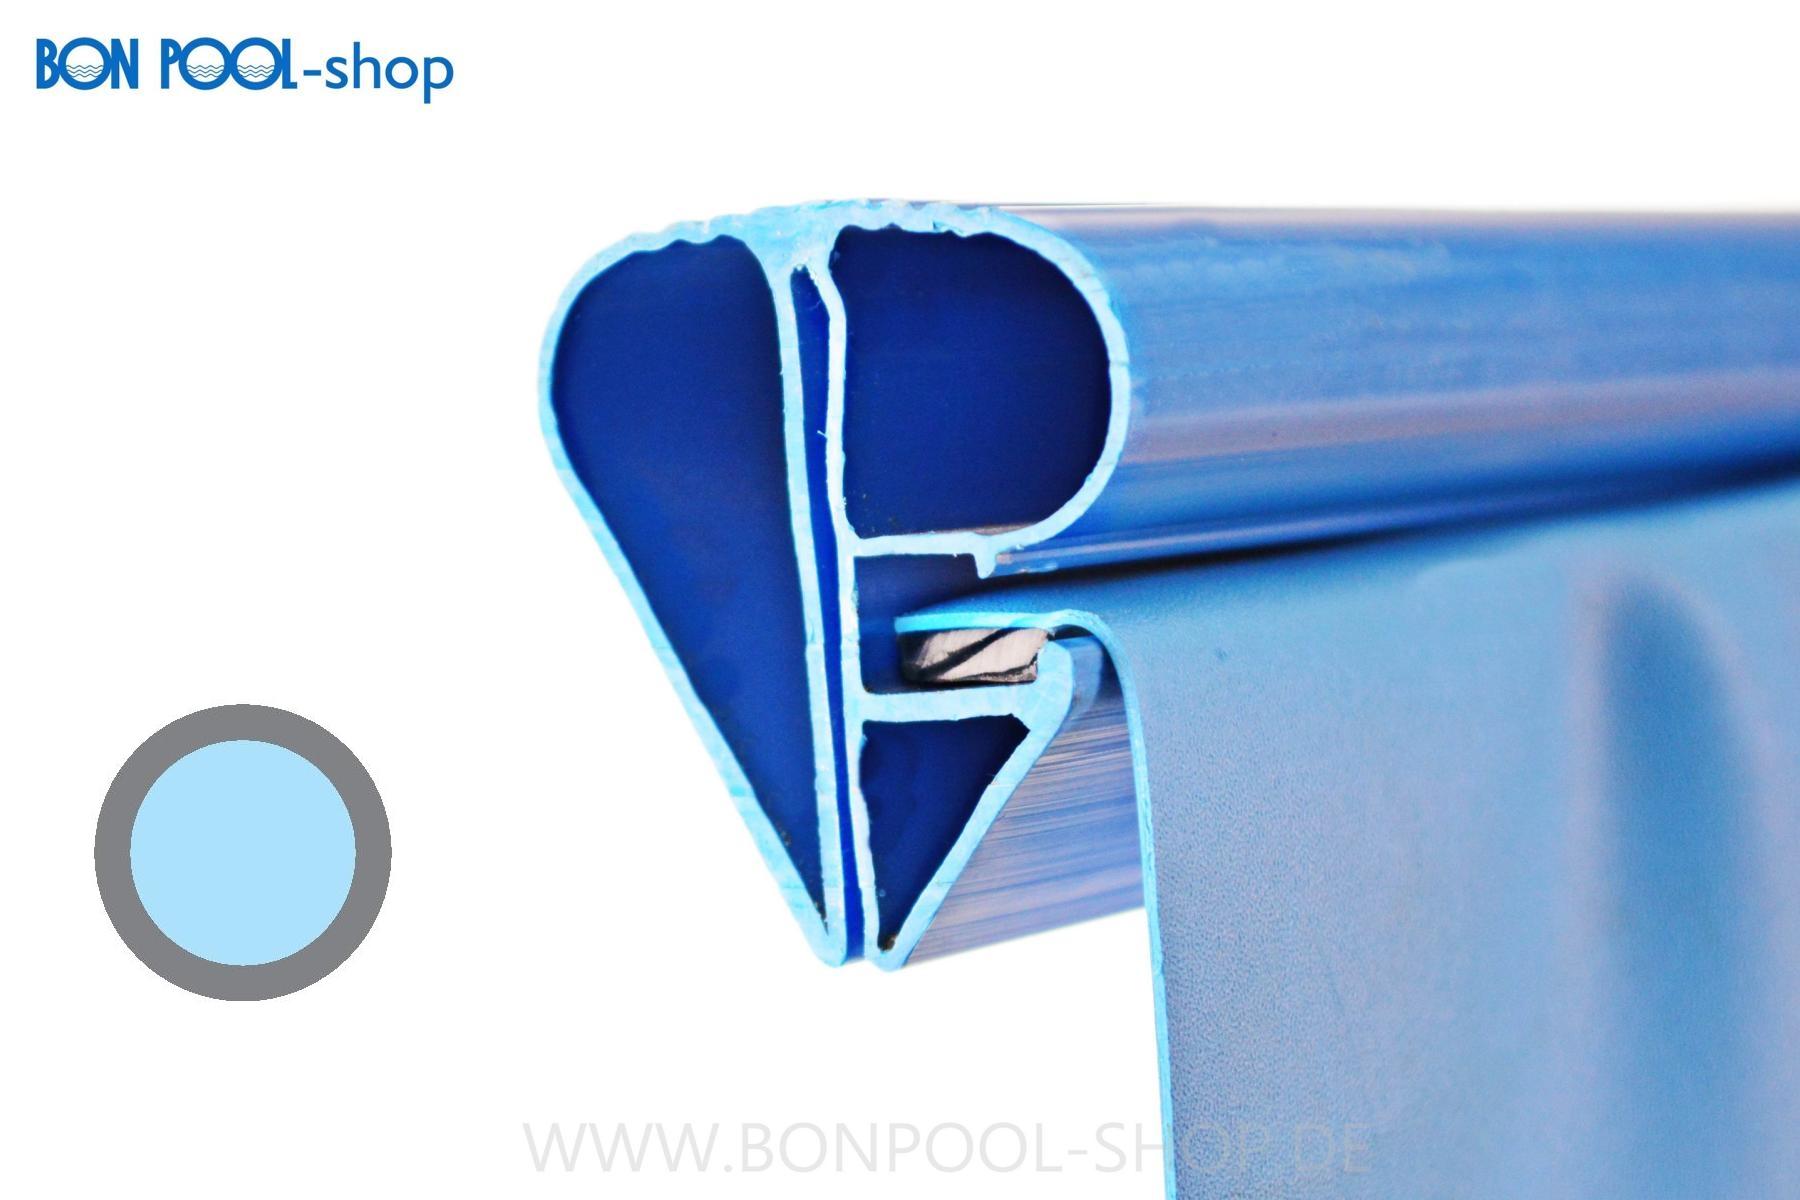 schwimmbecken ersatzfolie blau rund bise bon pool. Black Bedroom Furniture Sets. Home Design Ideas